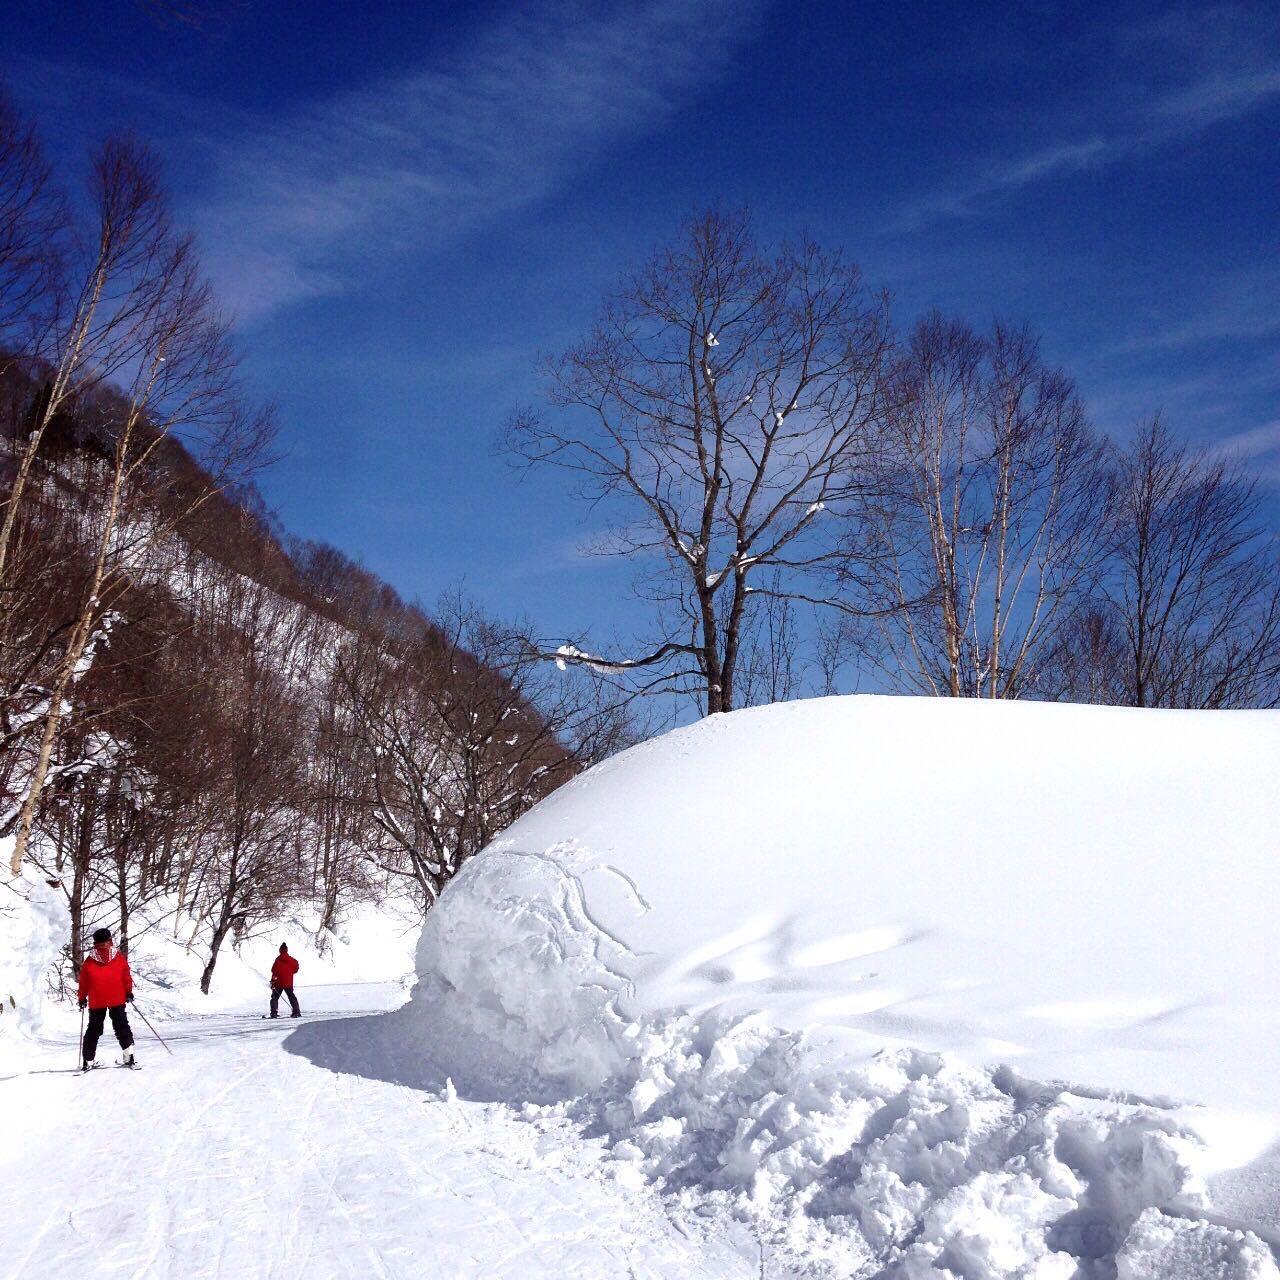 相比中国的滑雪场,日本的滑雪场怎么样?值得一